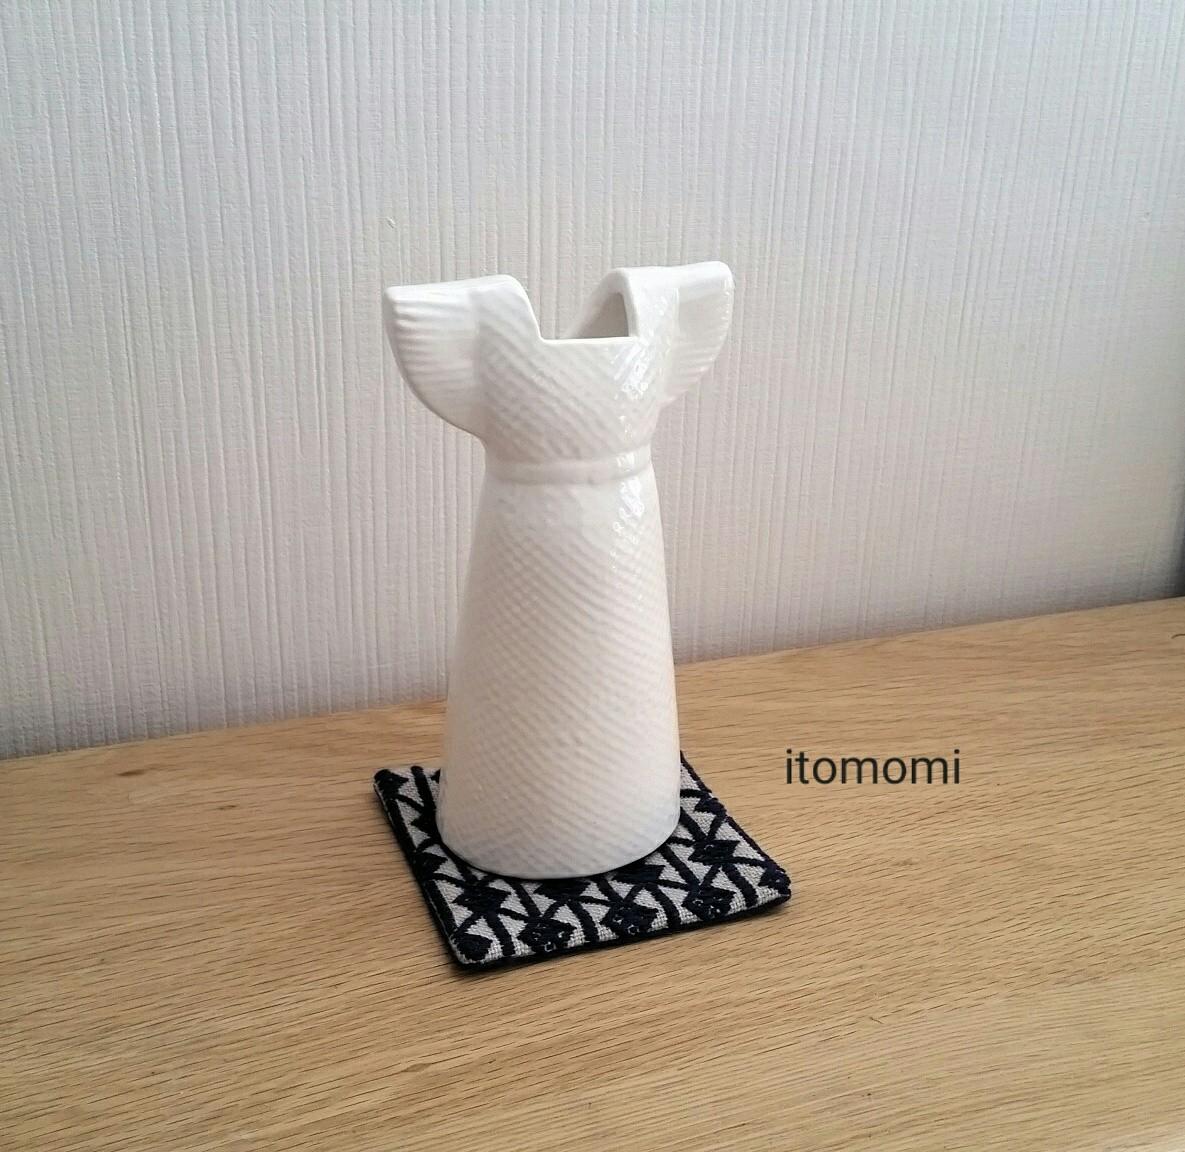 f:id:itomomi:20160909105823j:plain